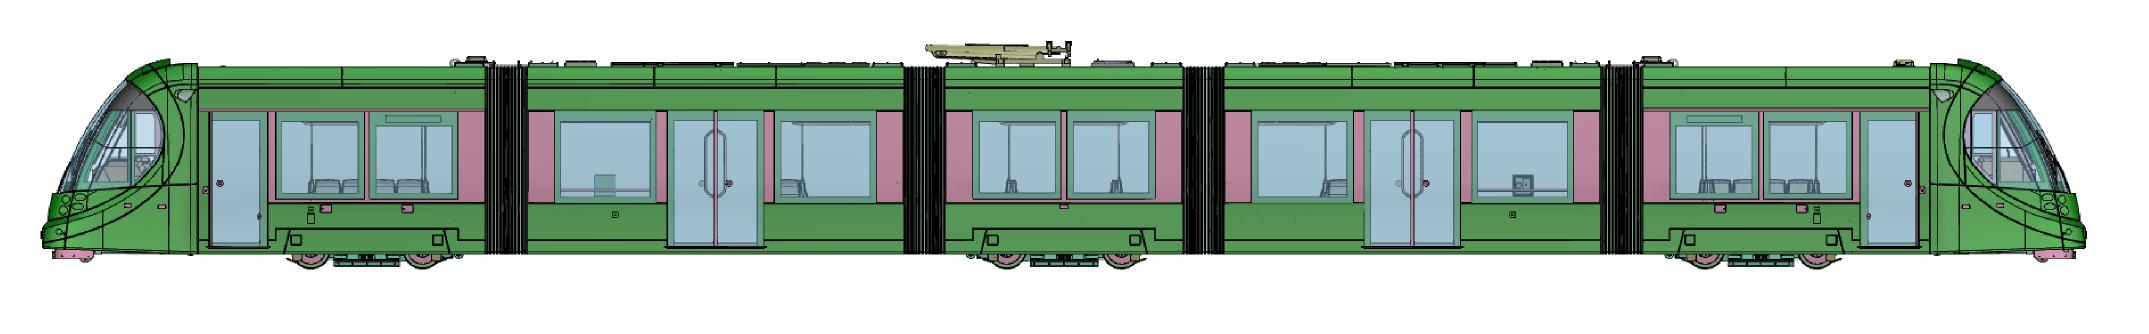 CAF Urbos 3 LRV Unit 014 7